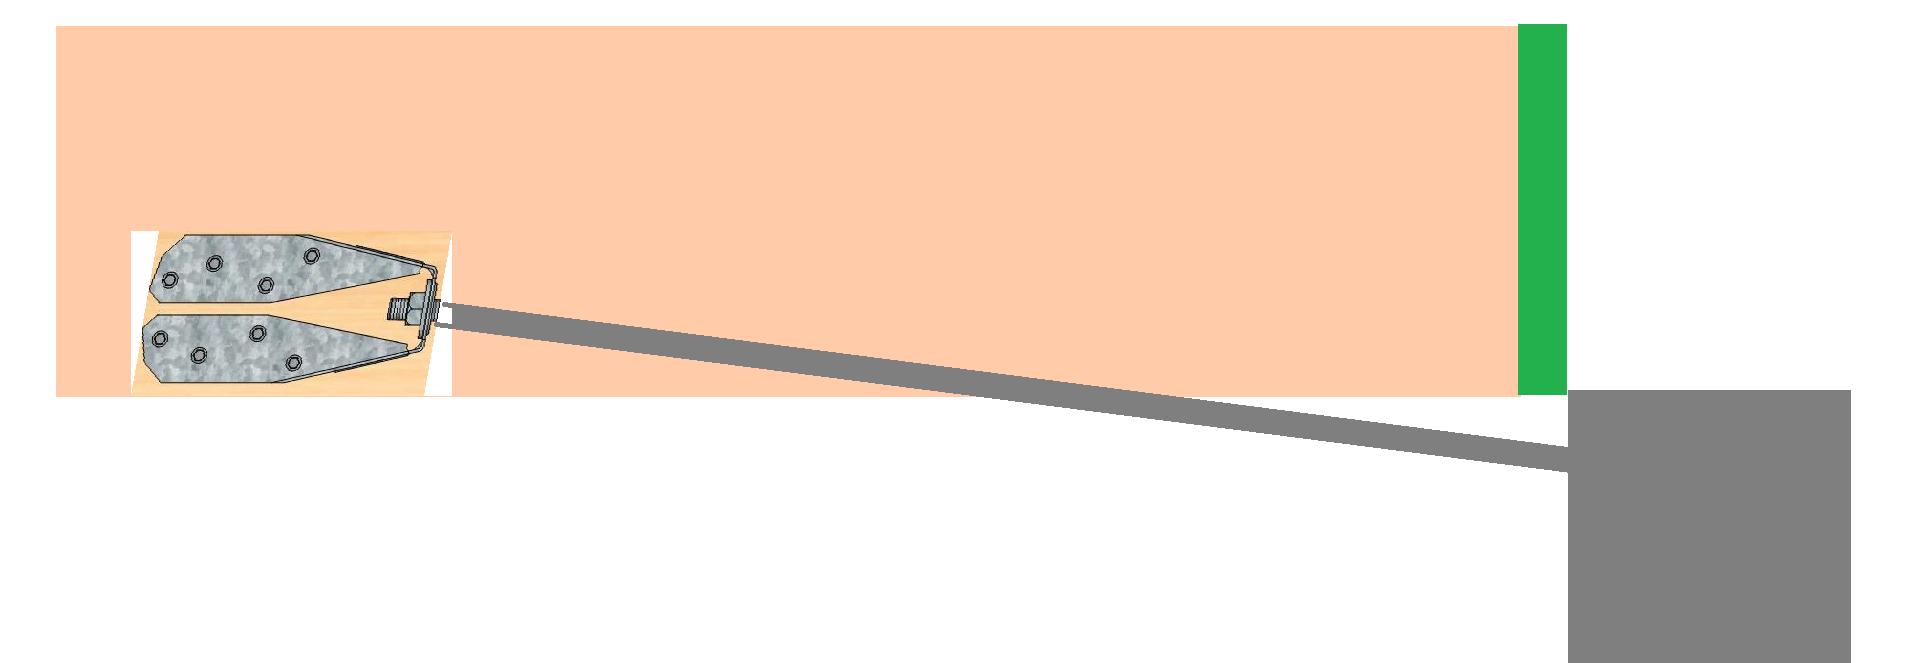 Joist Gap on Deck-gjo-1.png